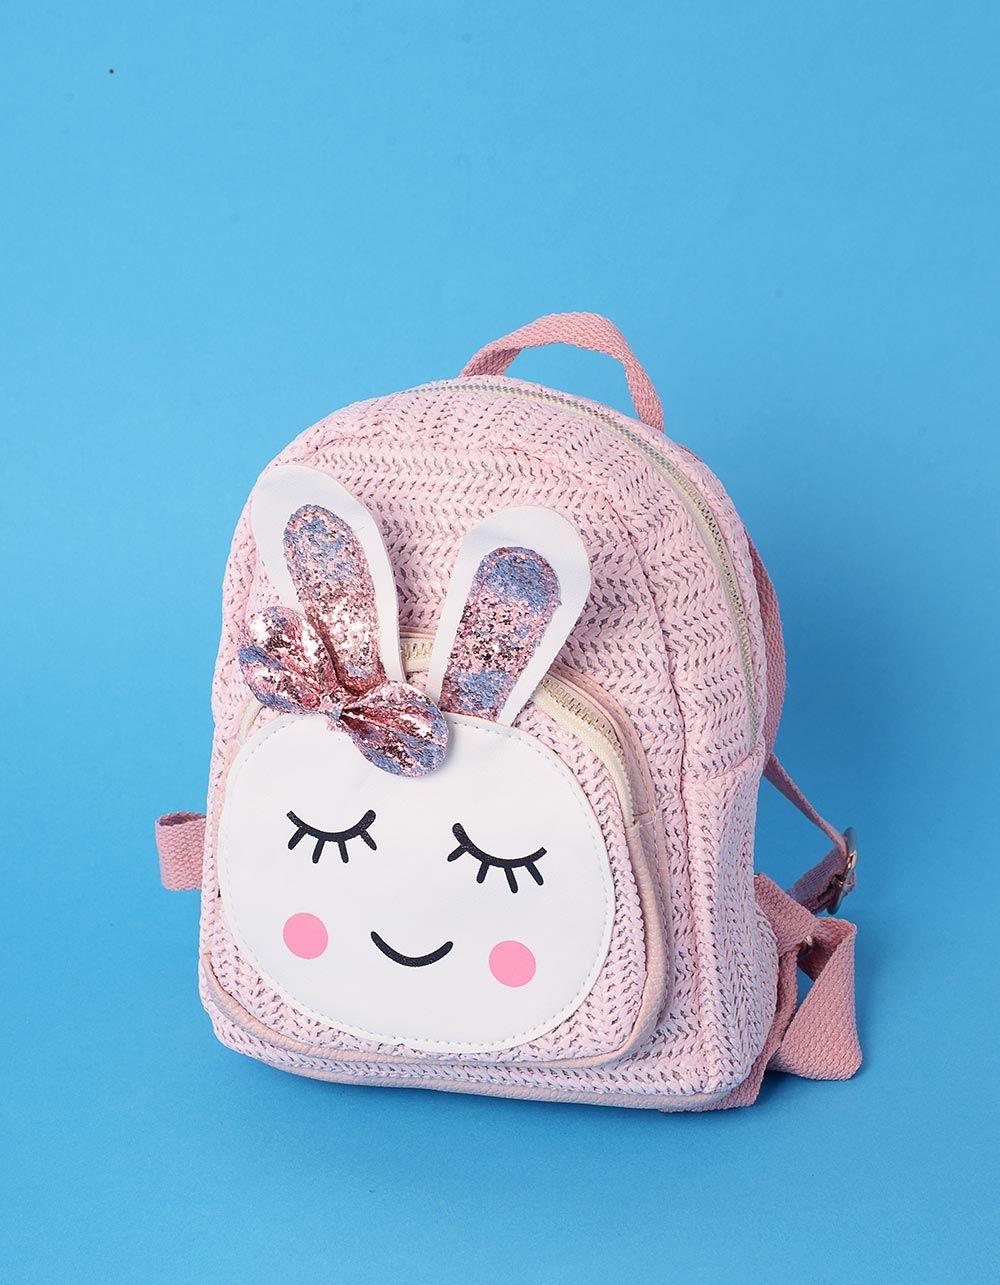 Рюкзак невеликий плетений з зайчиком | 239319-14-XX